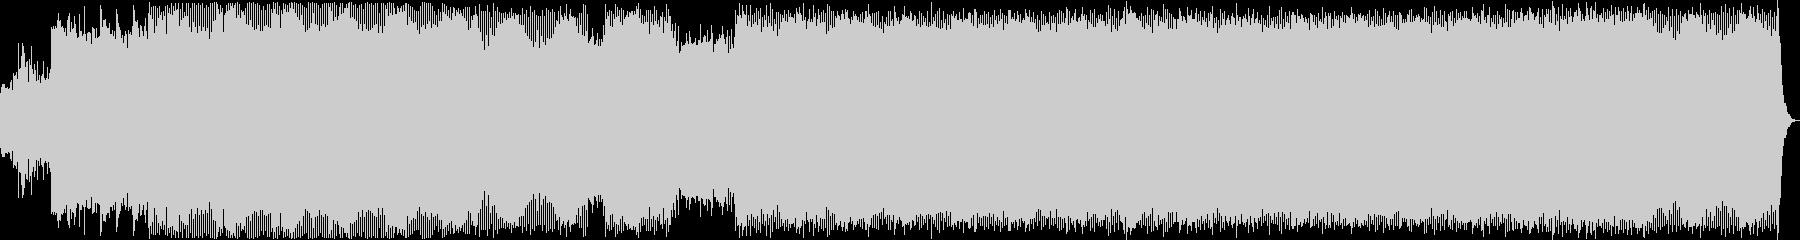 ゲームBGM用ダークなミニマルテクノの未再生の波形